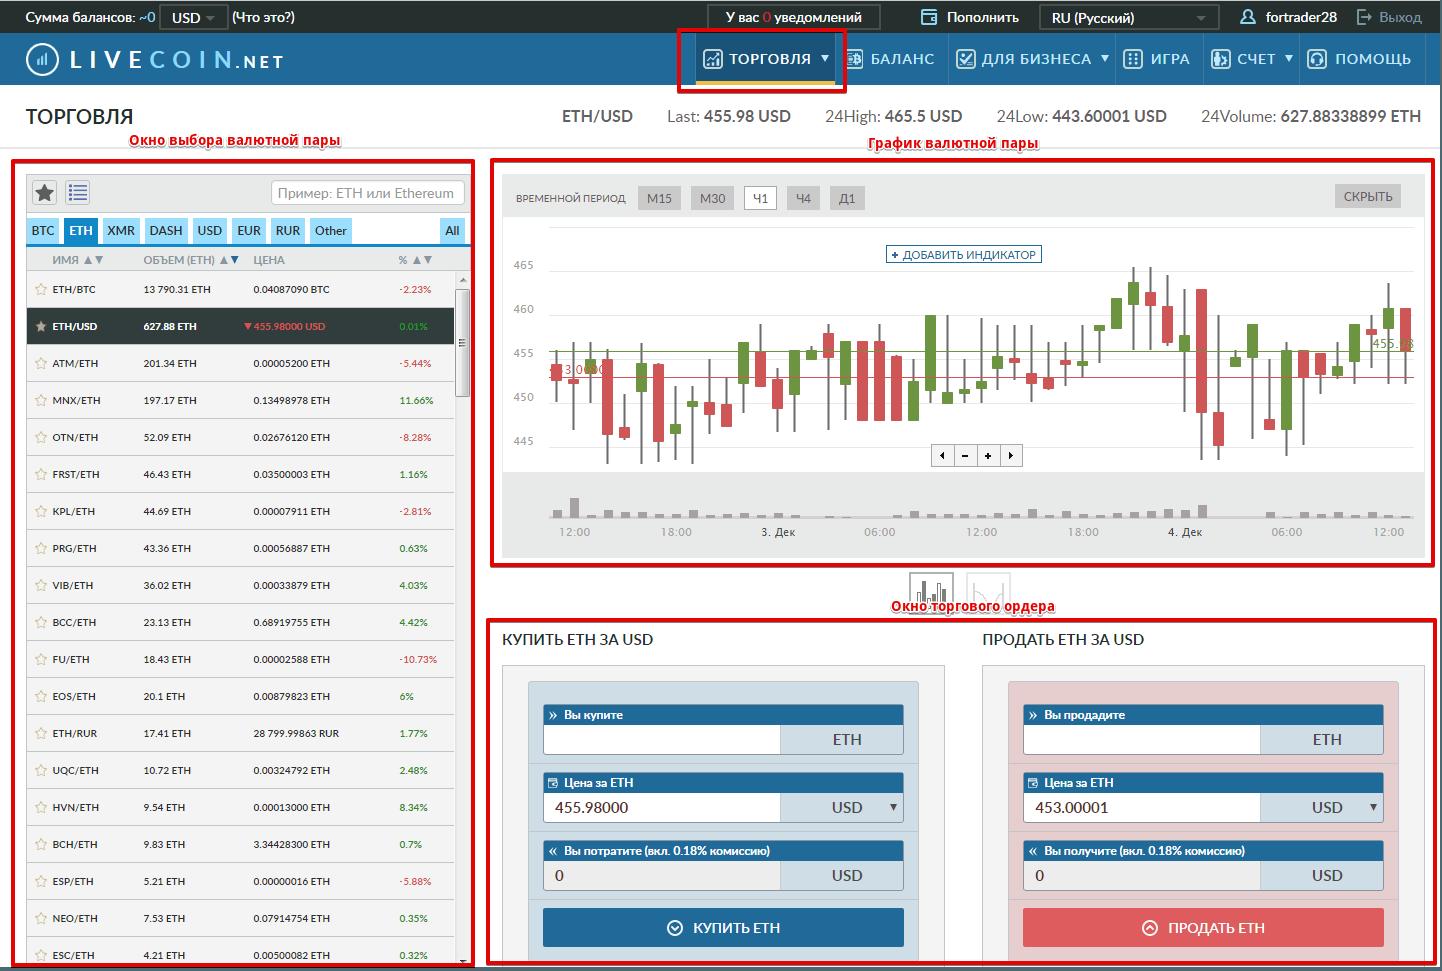 Изображение - Livecoin — почти идеальная криптовалютная биржа. только для новичков Livecoin-trading